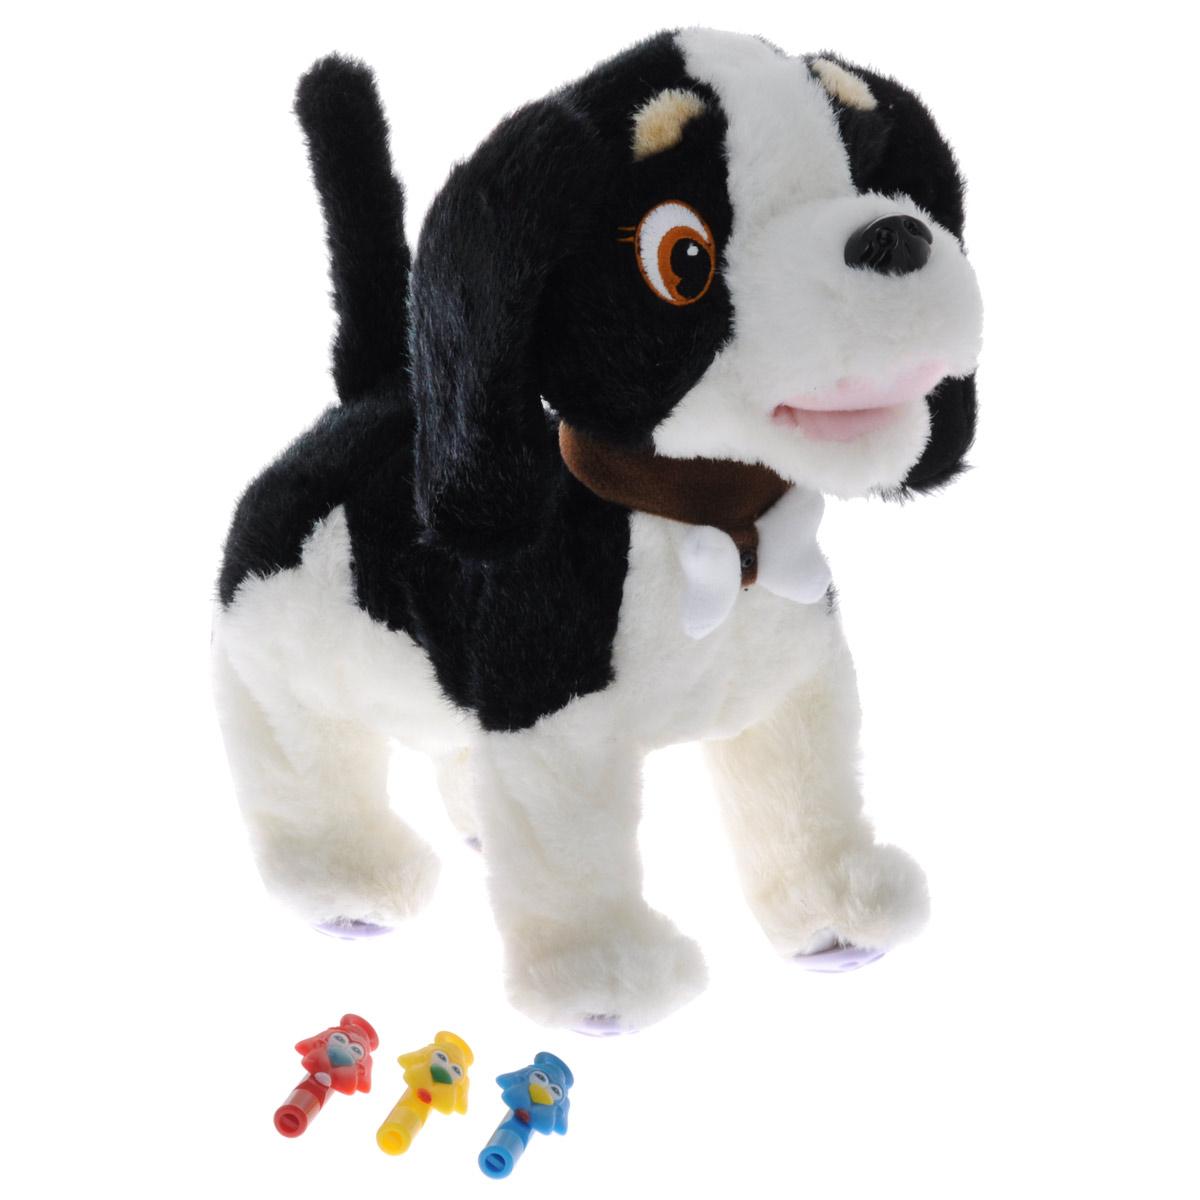 Интерактивная игрушка Сторожевой пес Bobby, цвет: черный, белыйGPH00959_черн_белИнтерактивная игрушка Сторожевой пес Bobby станет верным другом вашему ребенку. Щенок ведет себя совсем как настоящий: он умеет ходить, лаять, вилять хвостиком, шевелить ушами, а также является отличным сторожем. В комплект входят три свистка: красный, синий и желтый. В зависимости от того, в какой свисток ты дунешь, Bobby выполнит следующие команды: красный свисток: щенок радостно завиляет хвостиком и залает; синий свисток: щенок пойдет гулять; желтый свисток: щенок залает и зашевелит ушами. Bobby остановится, если еще раз дунуть в выбранный свисток. Погладьте щенка по голове, и он от удовольствия радостно залает и весело завиляет хвостиком. Предусмотрен режим охраны. При включении данного режима Bobby будет звонко лаять на каждого, кто попытается попытается проникнуть на территорию его хозяина (датчик движения расположен в косточке, которая закреплена на ошейнике). Порадуйте вашего ребенка таким замечательным подарком! Для работы игрушки...